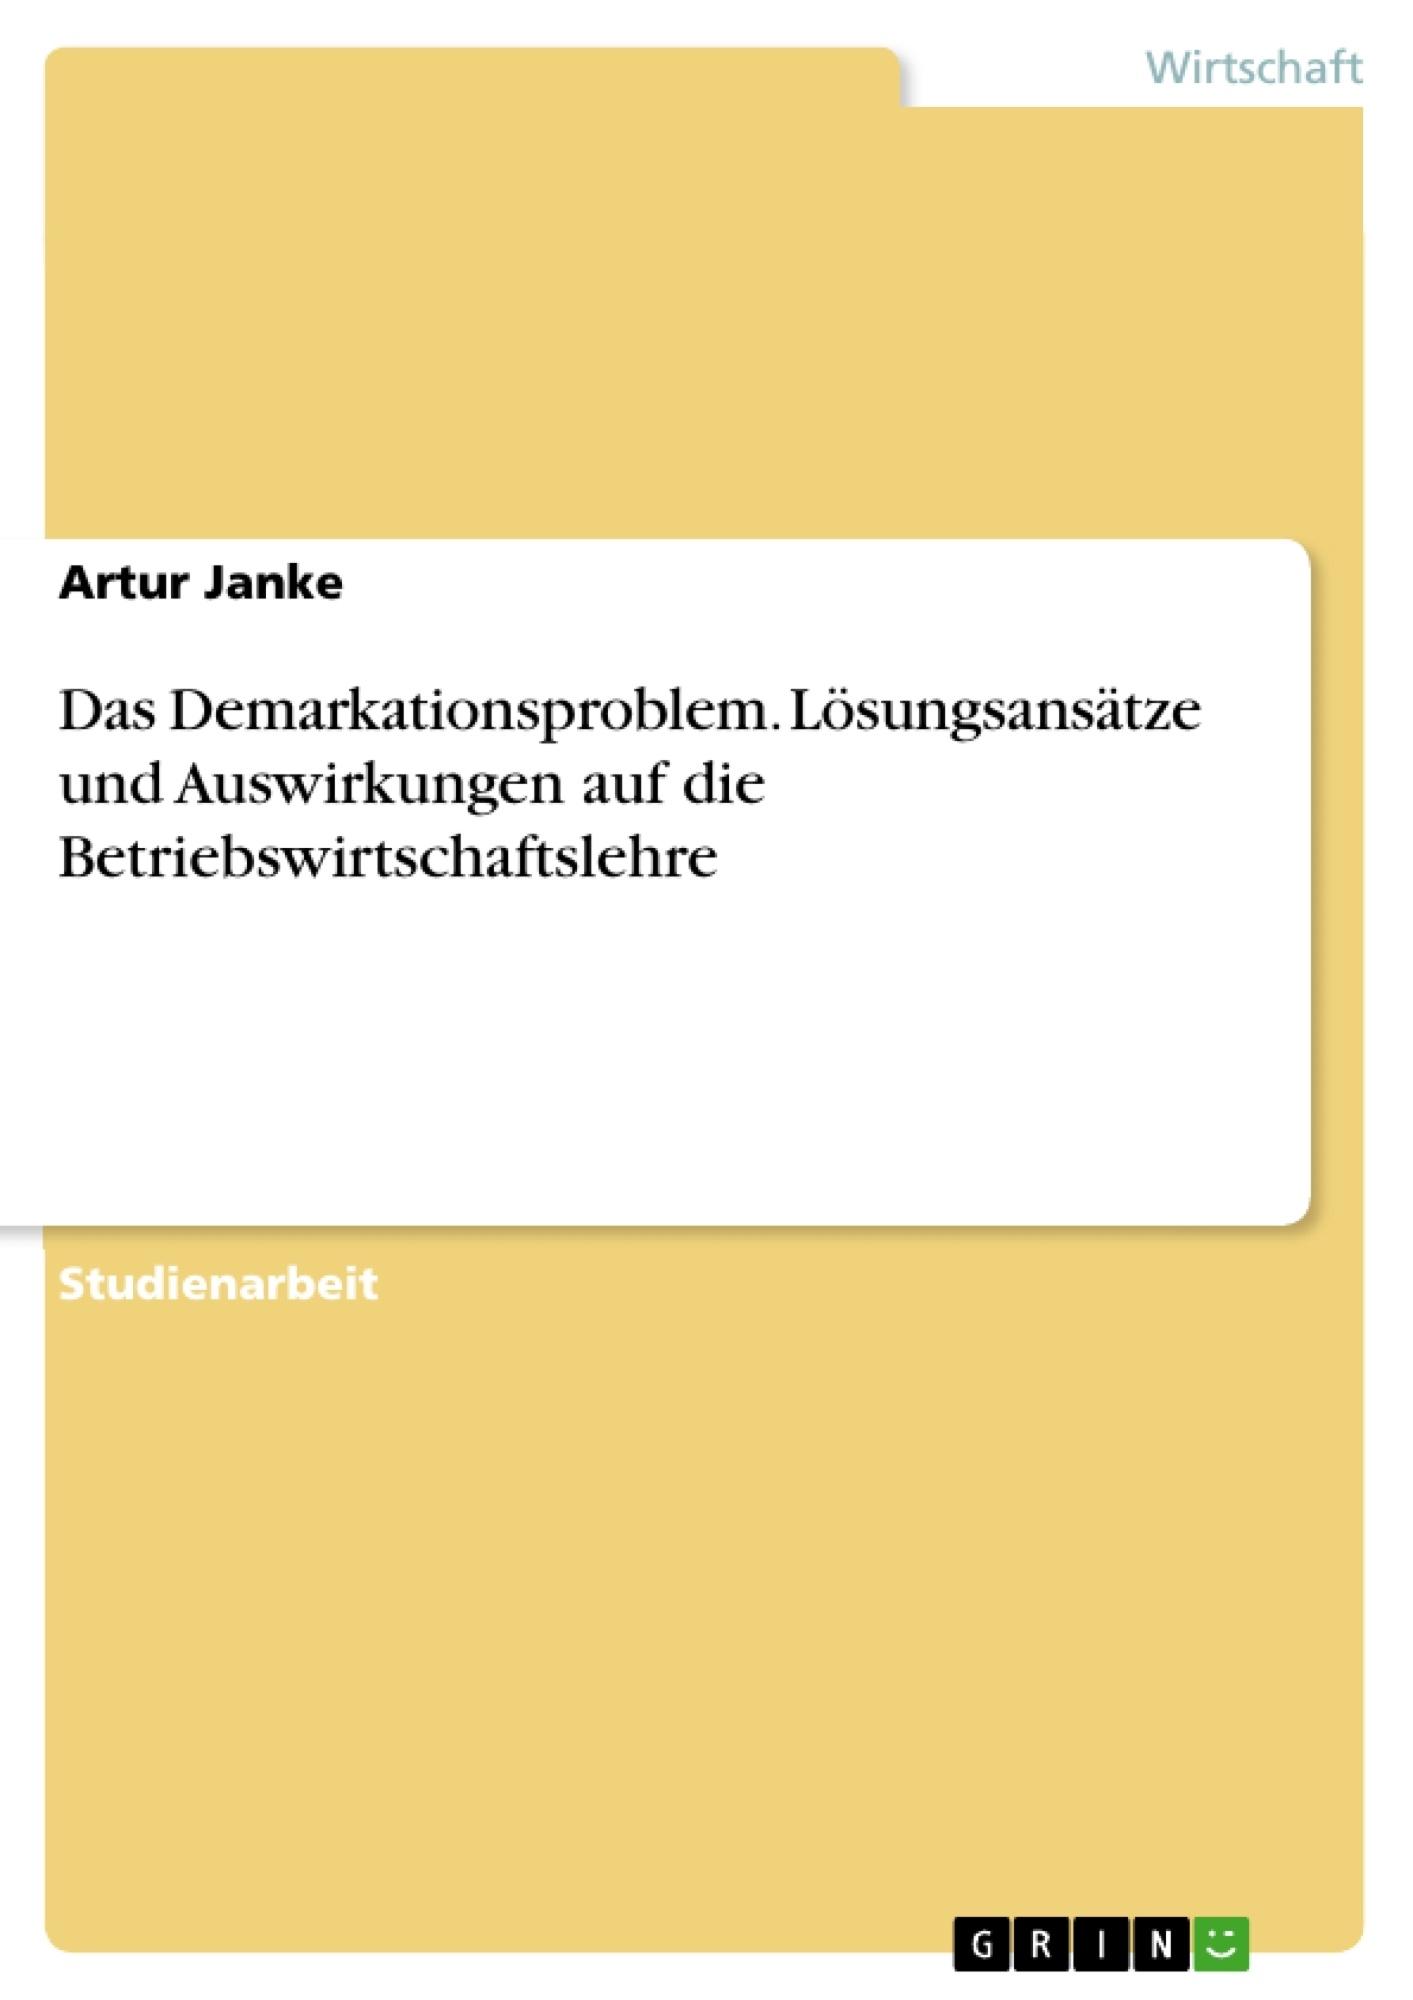 Titel: Das Demarkationsproblem. Lösungsansätze und Auswirkungen auf die Betriebswirtschaftslehre